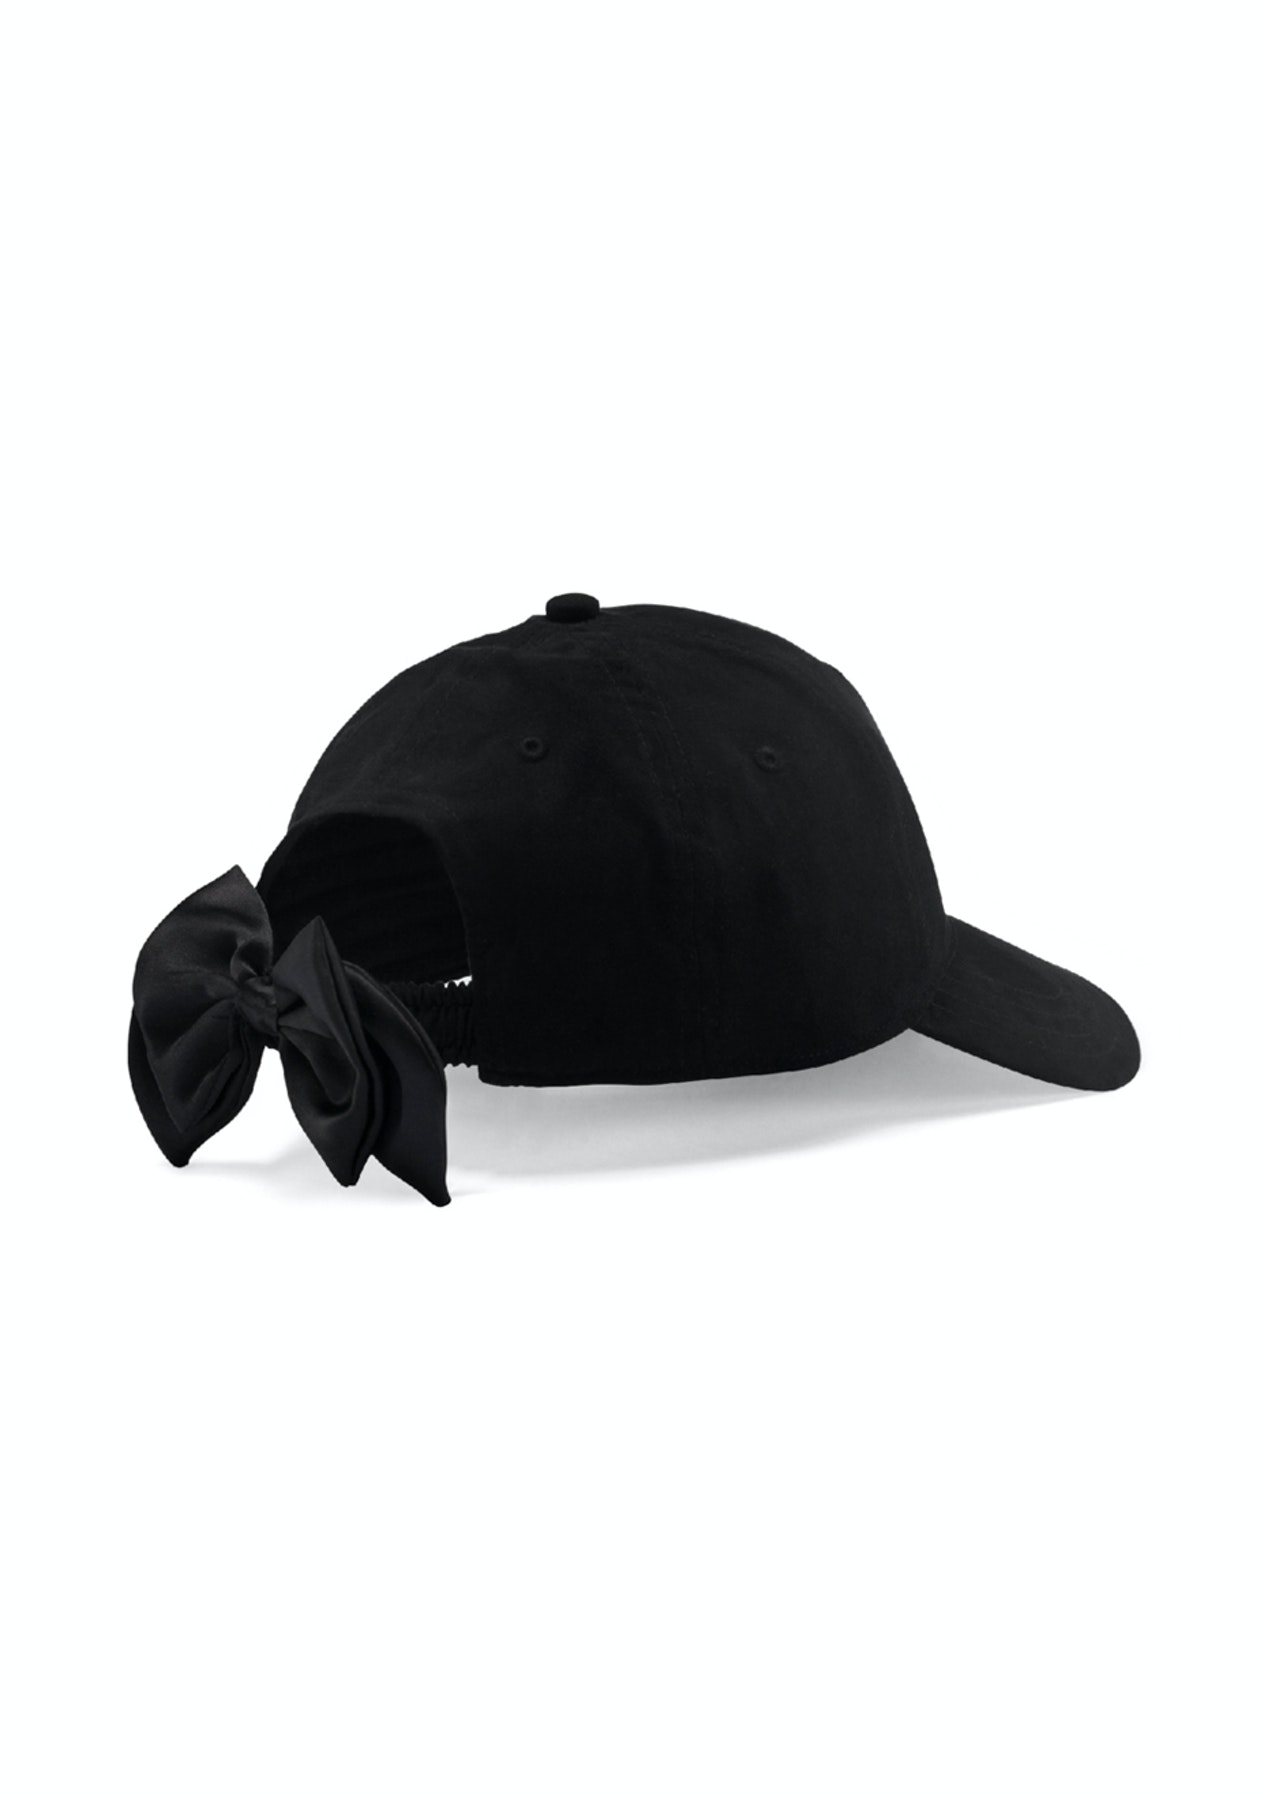 Puma - Bow Cap Black - Womens - PUMA Under  100 Mega Sale - Onceit dd749ba065f